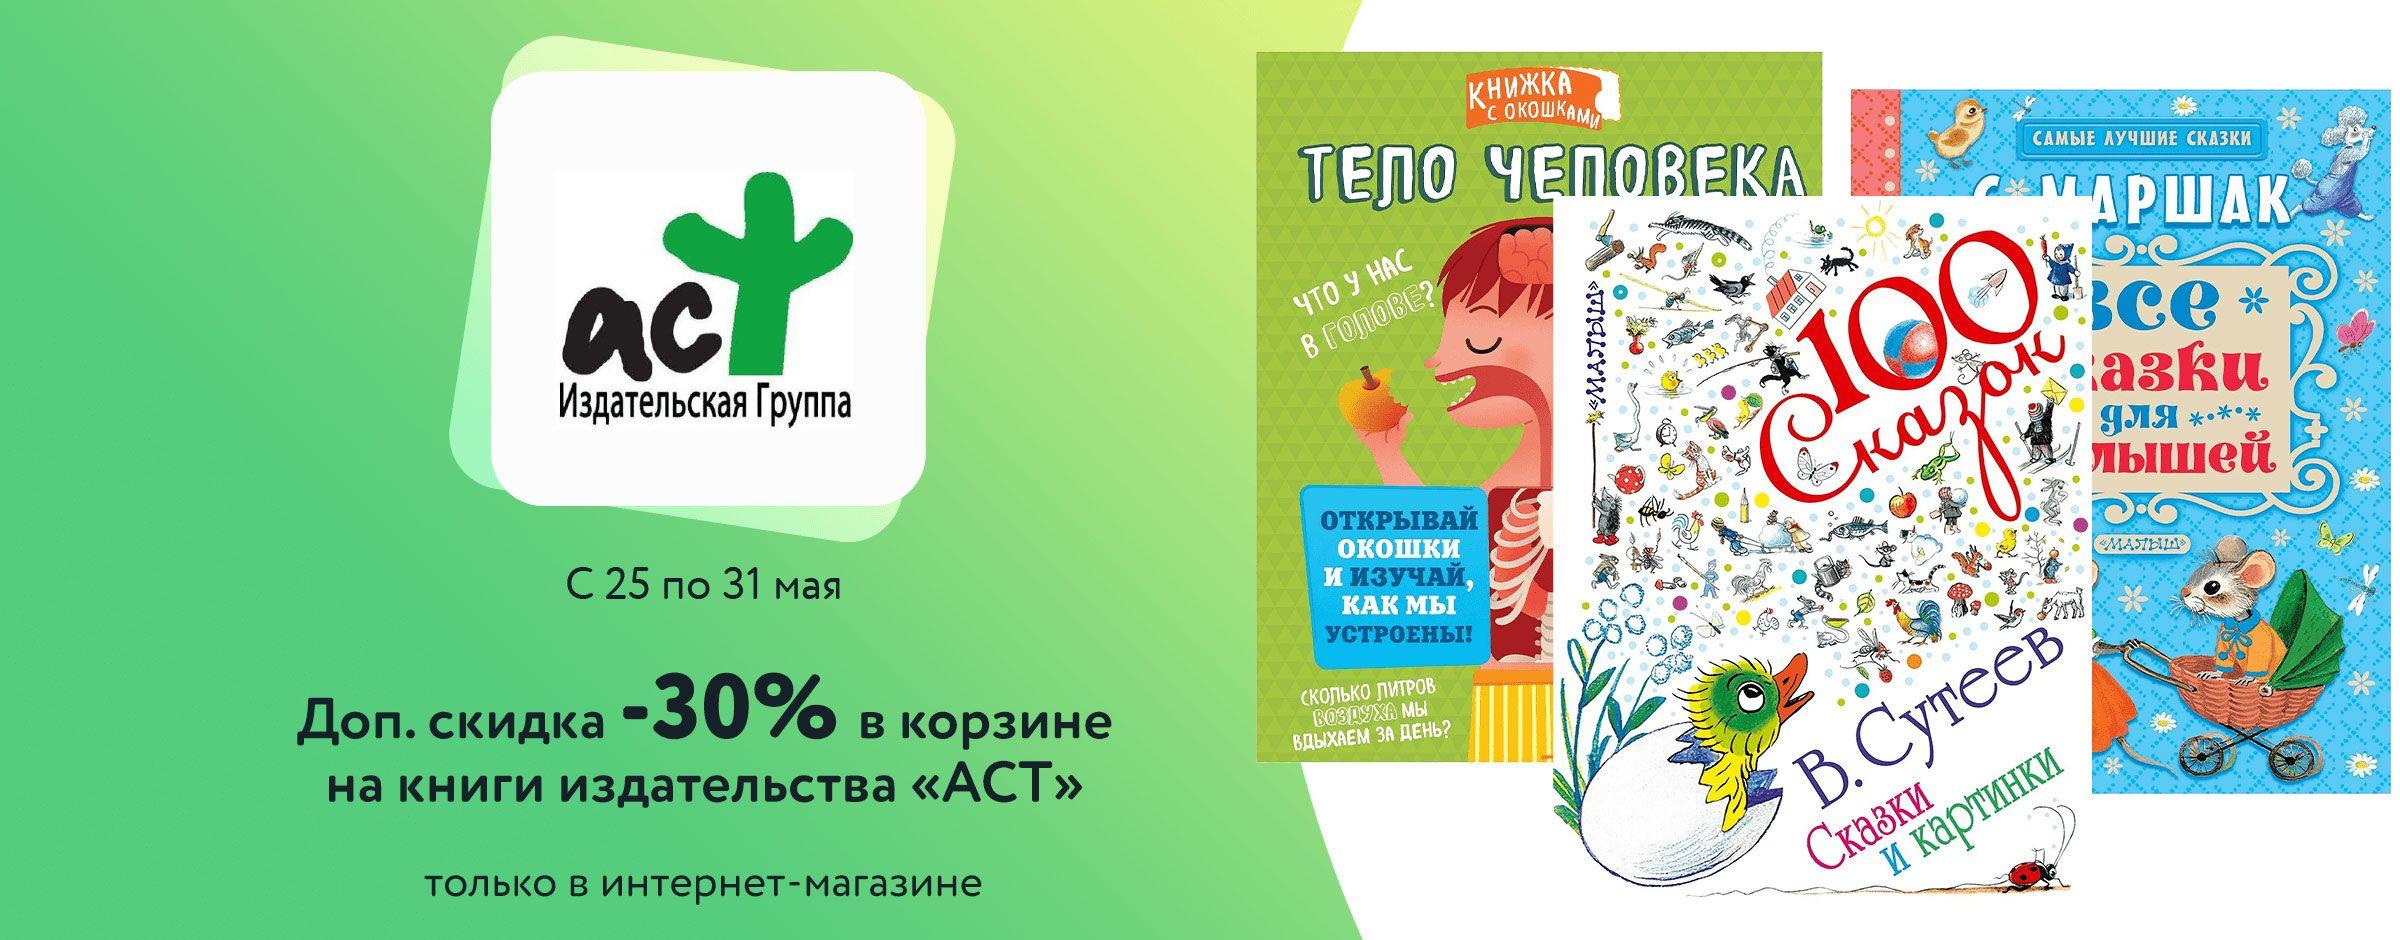 30% в корзине на книги издательства АСТ